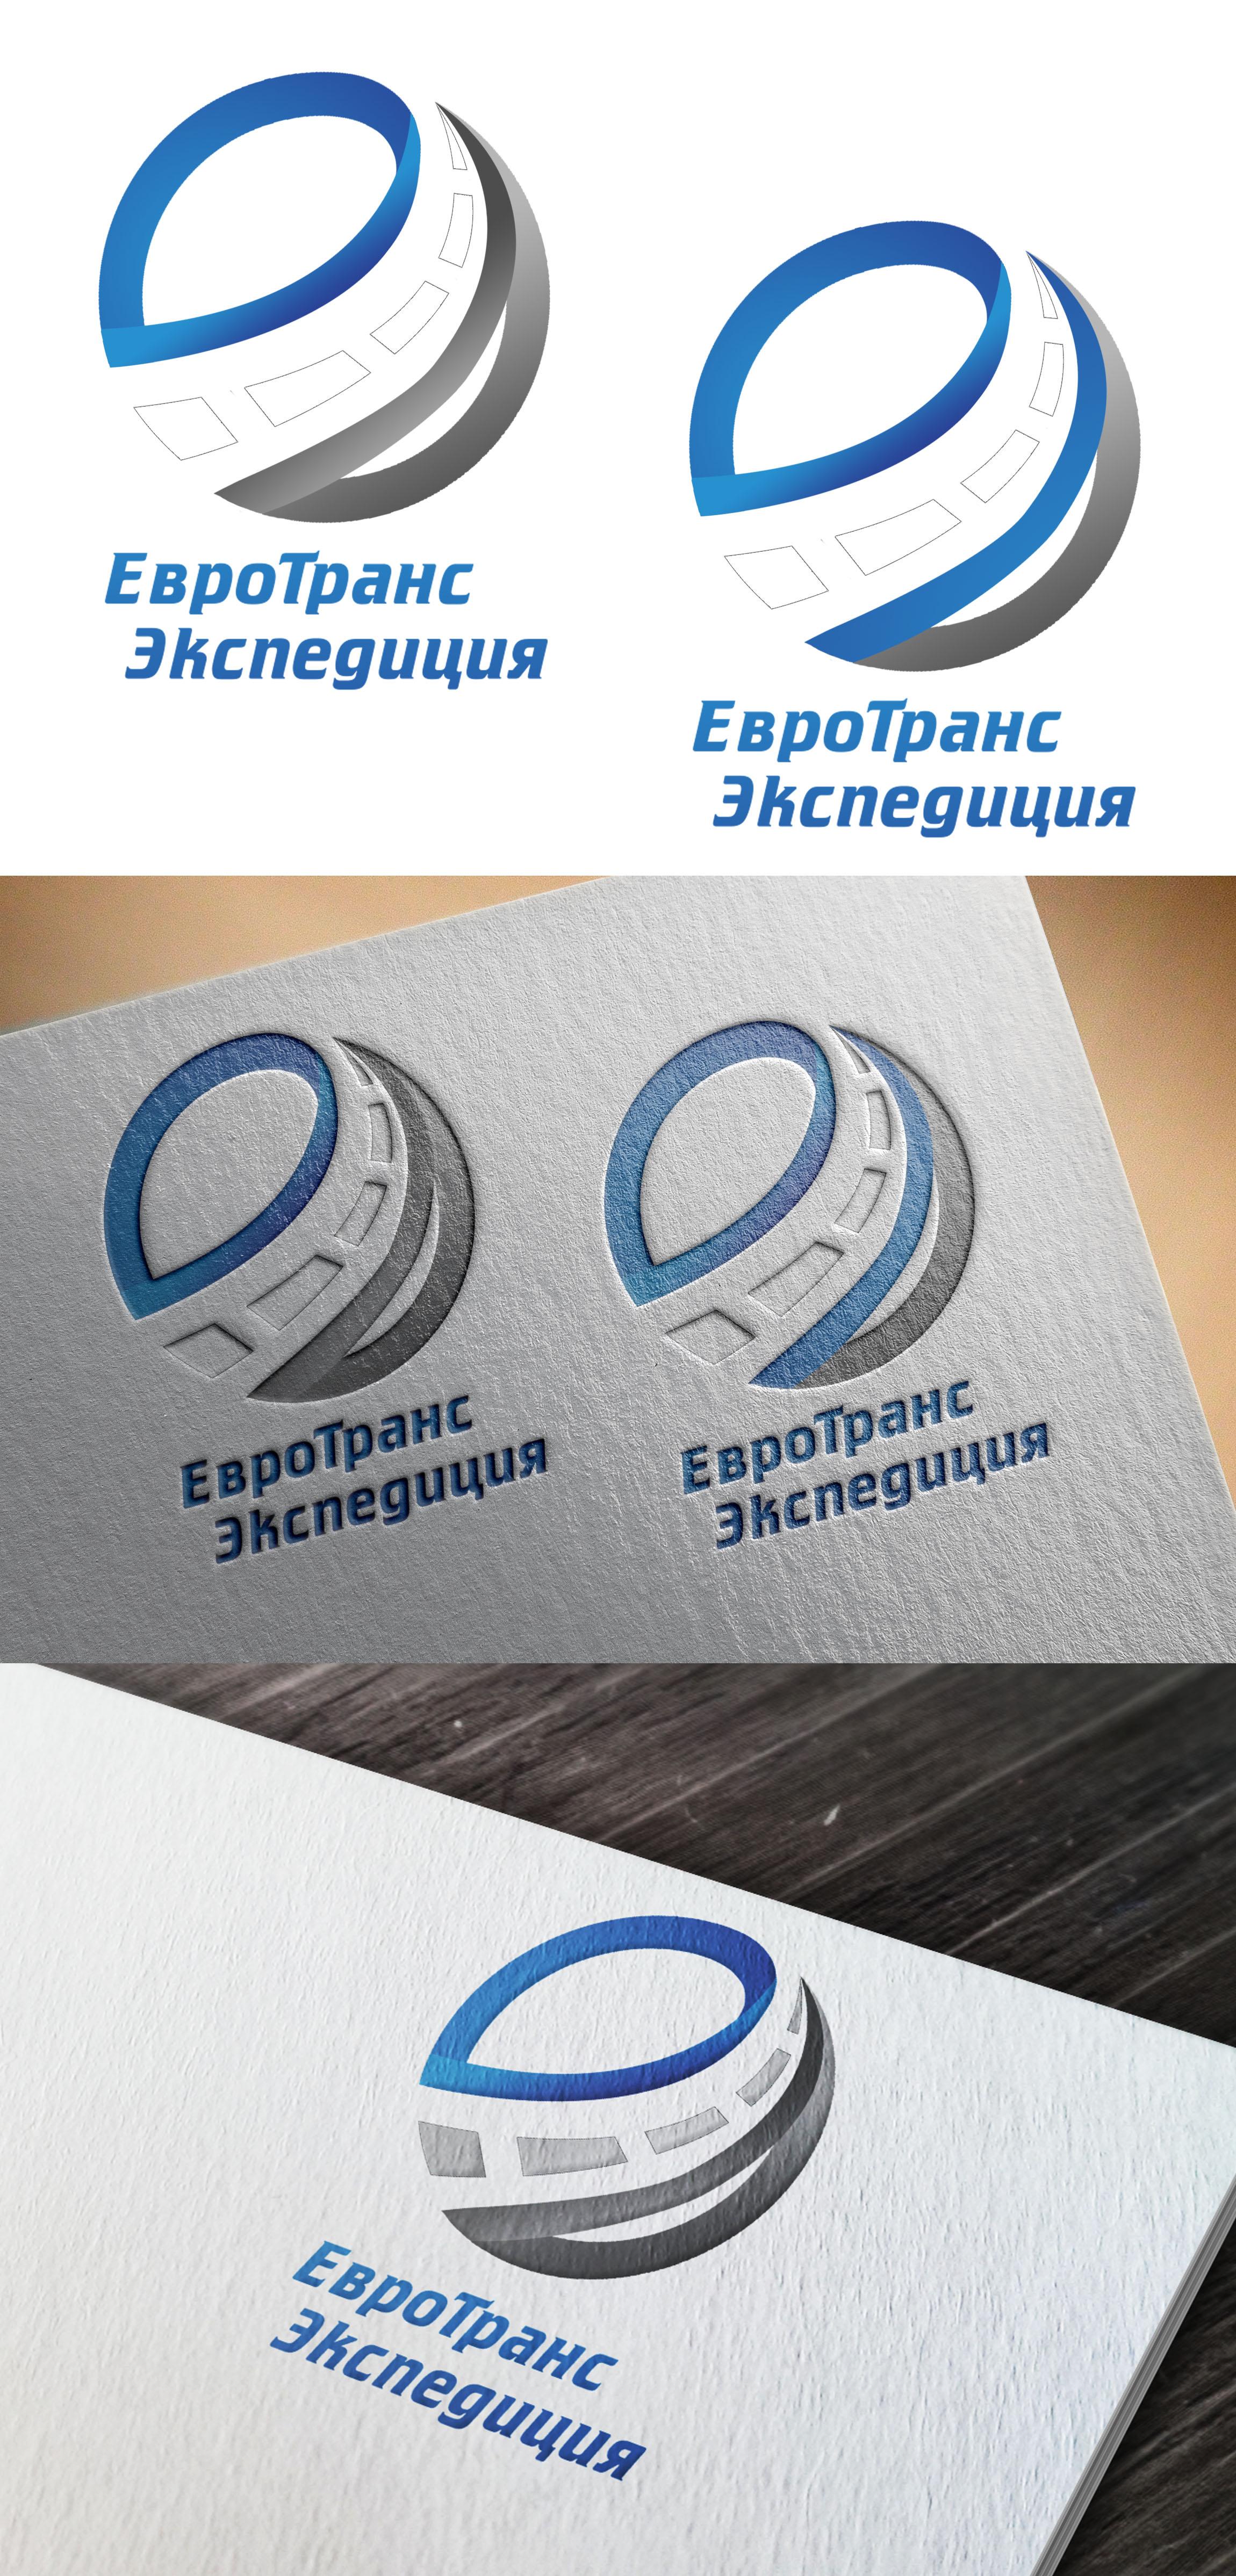 Предложите эволюцию логотипа экспедиторской компании  фото f_57458ff345dab1f7.jpg